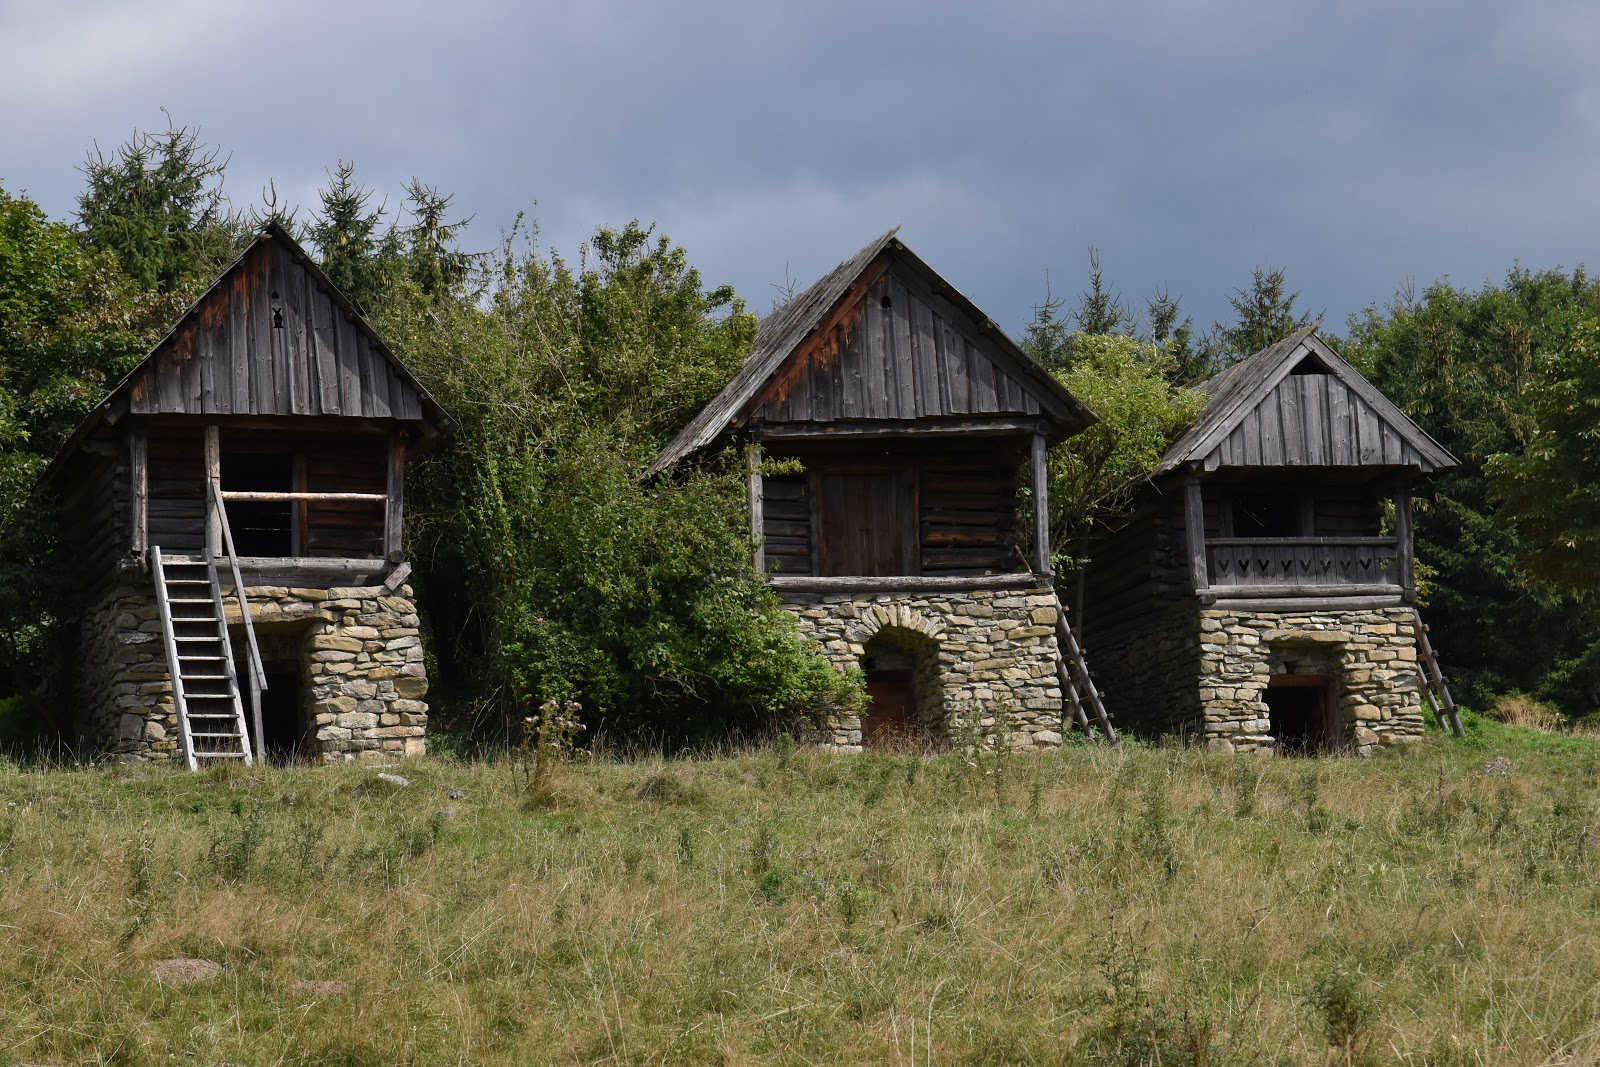 dřevěné domky Kluzkowce Polsko